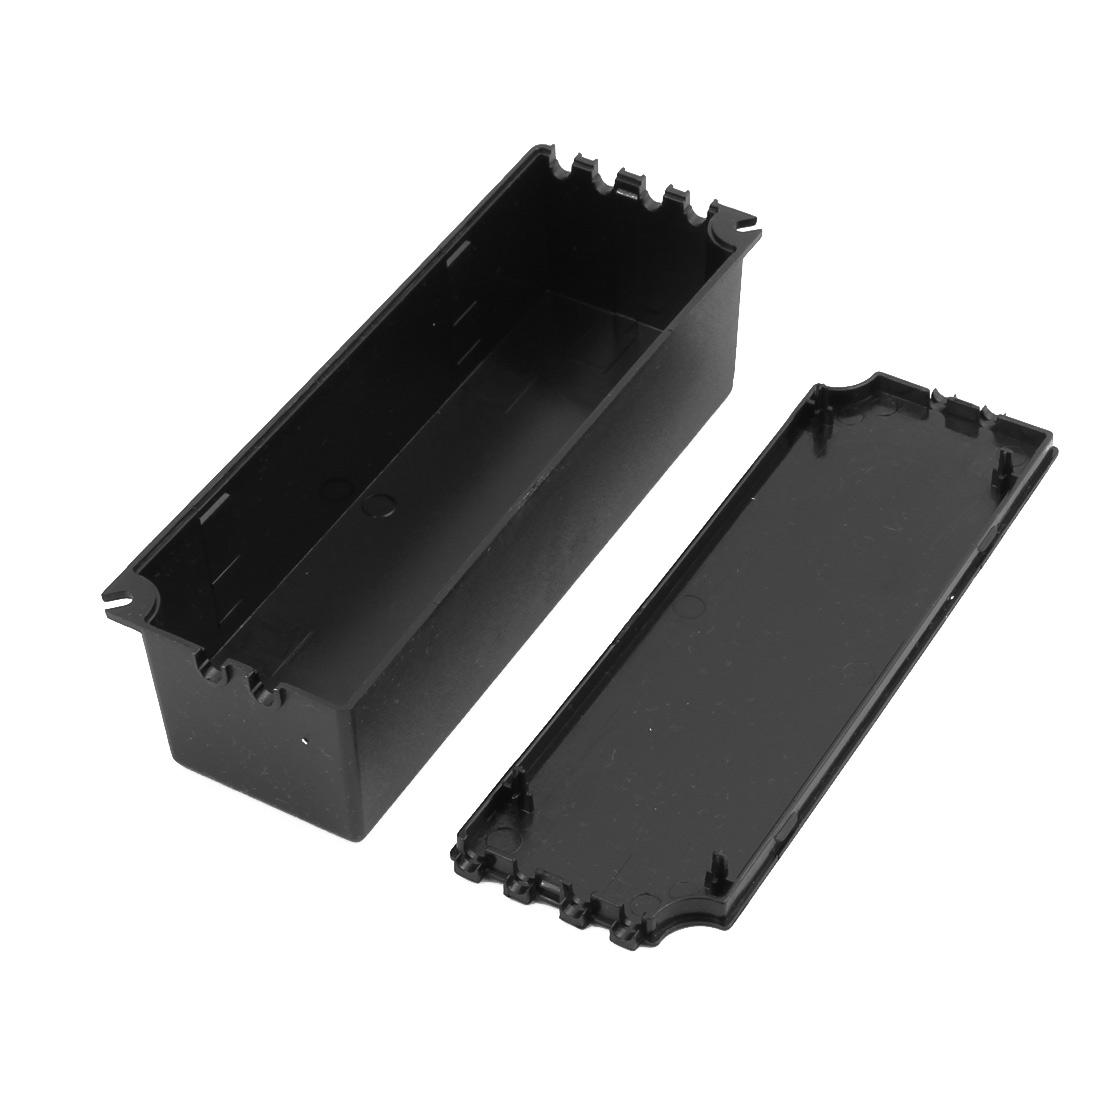 3pcs Bo tier de raccordement XG150 150x52x37mm Bo tier ignifuge PC pour LED Driver - image 1 de 3